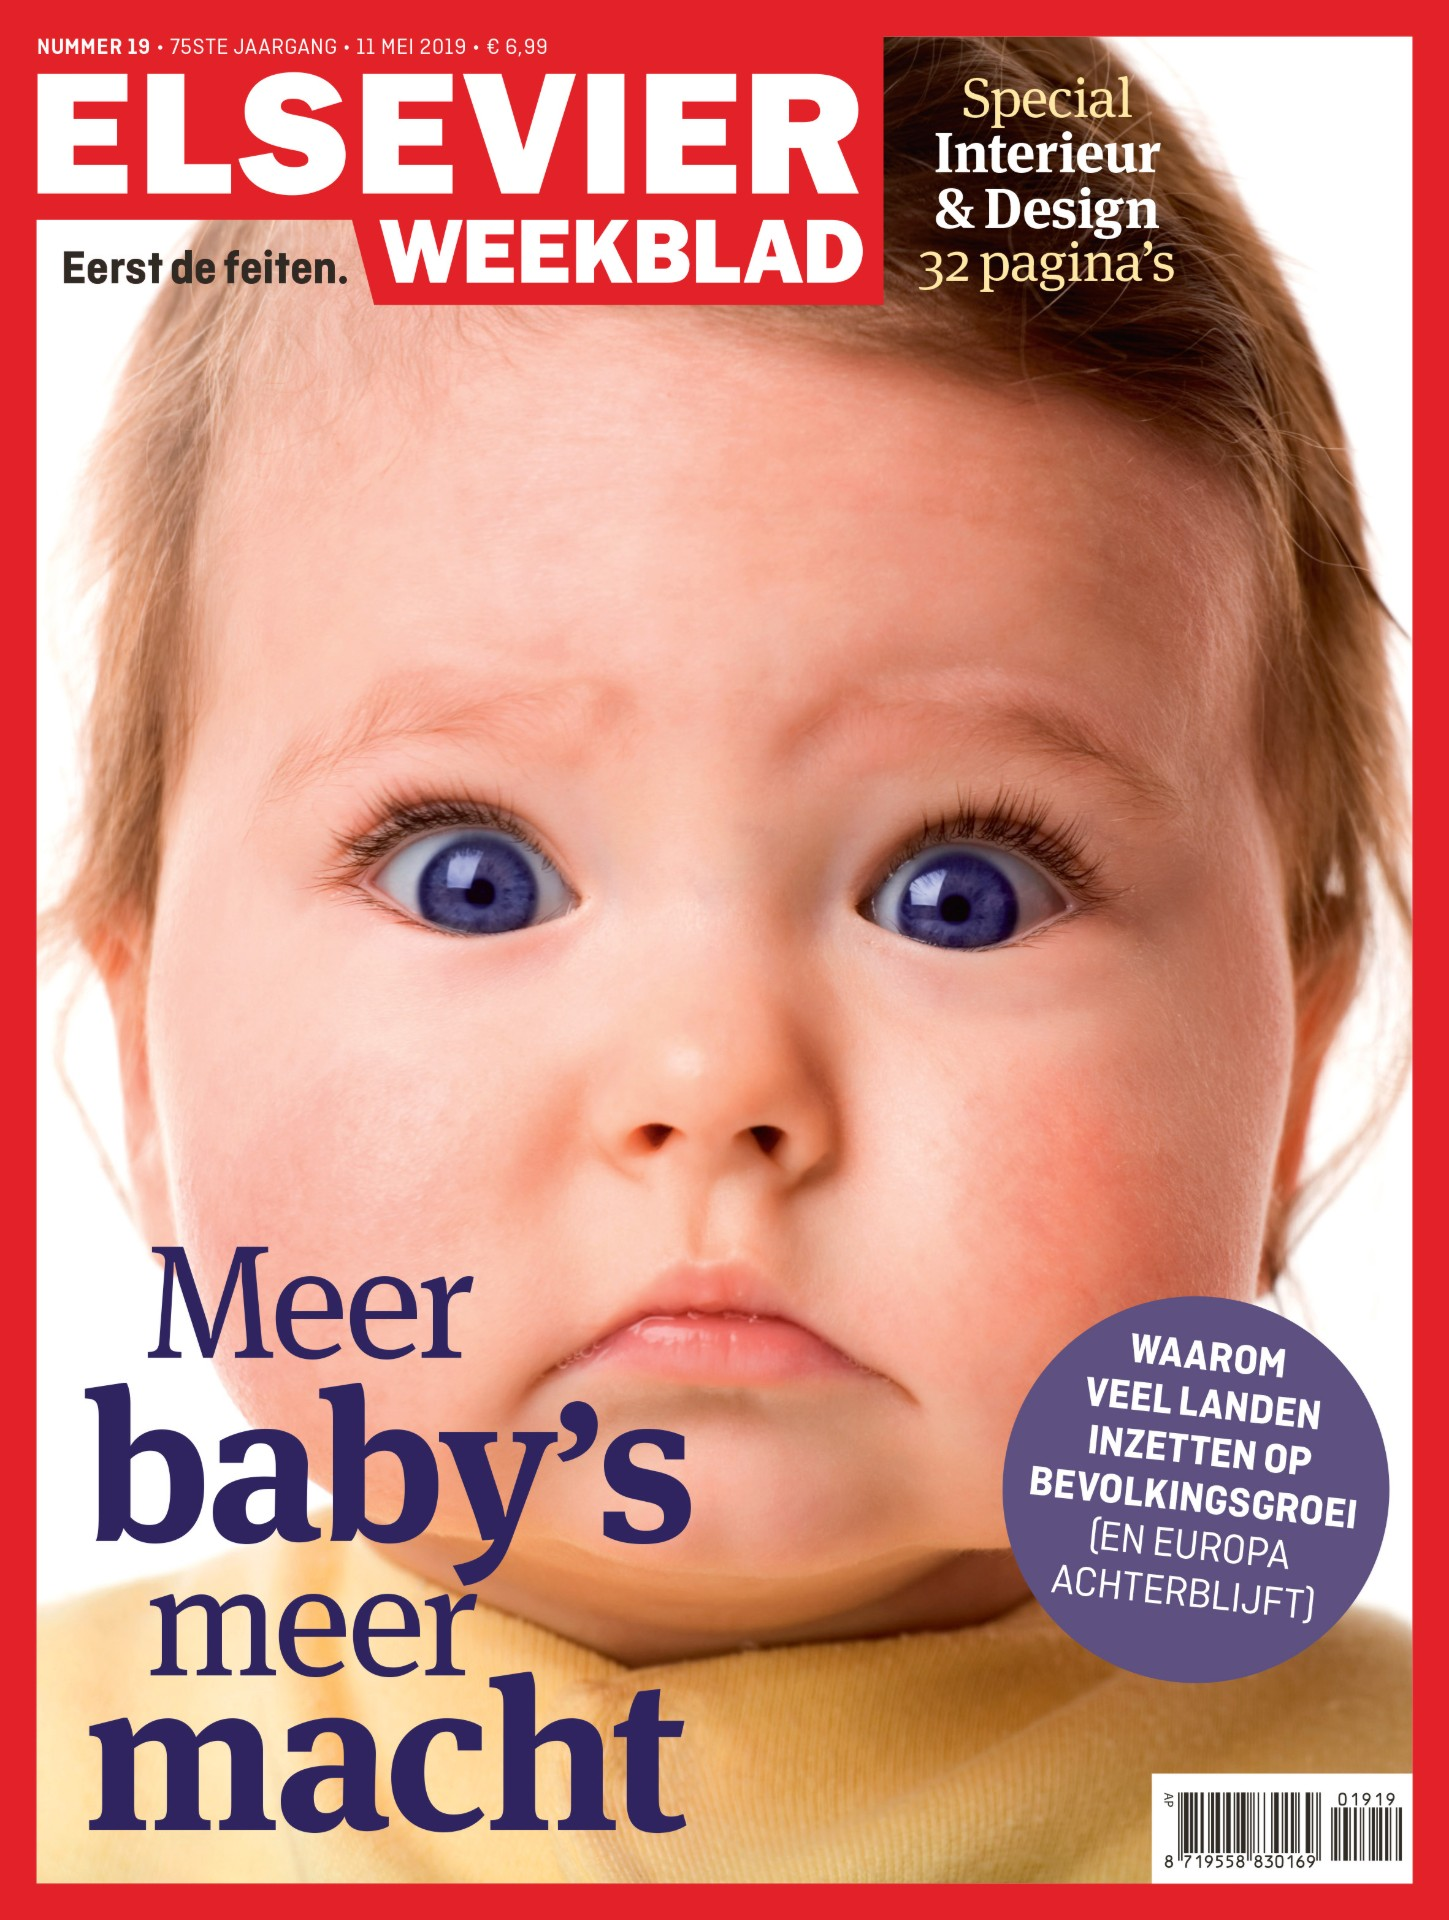 Lees de magazines van Elsevier Weekblad online - Elsevierweekblad.nl